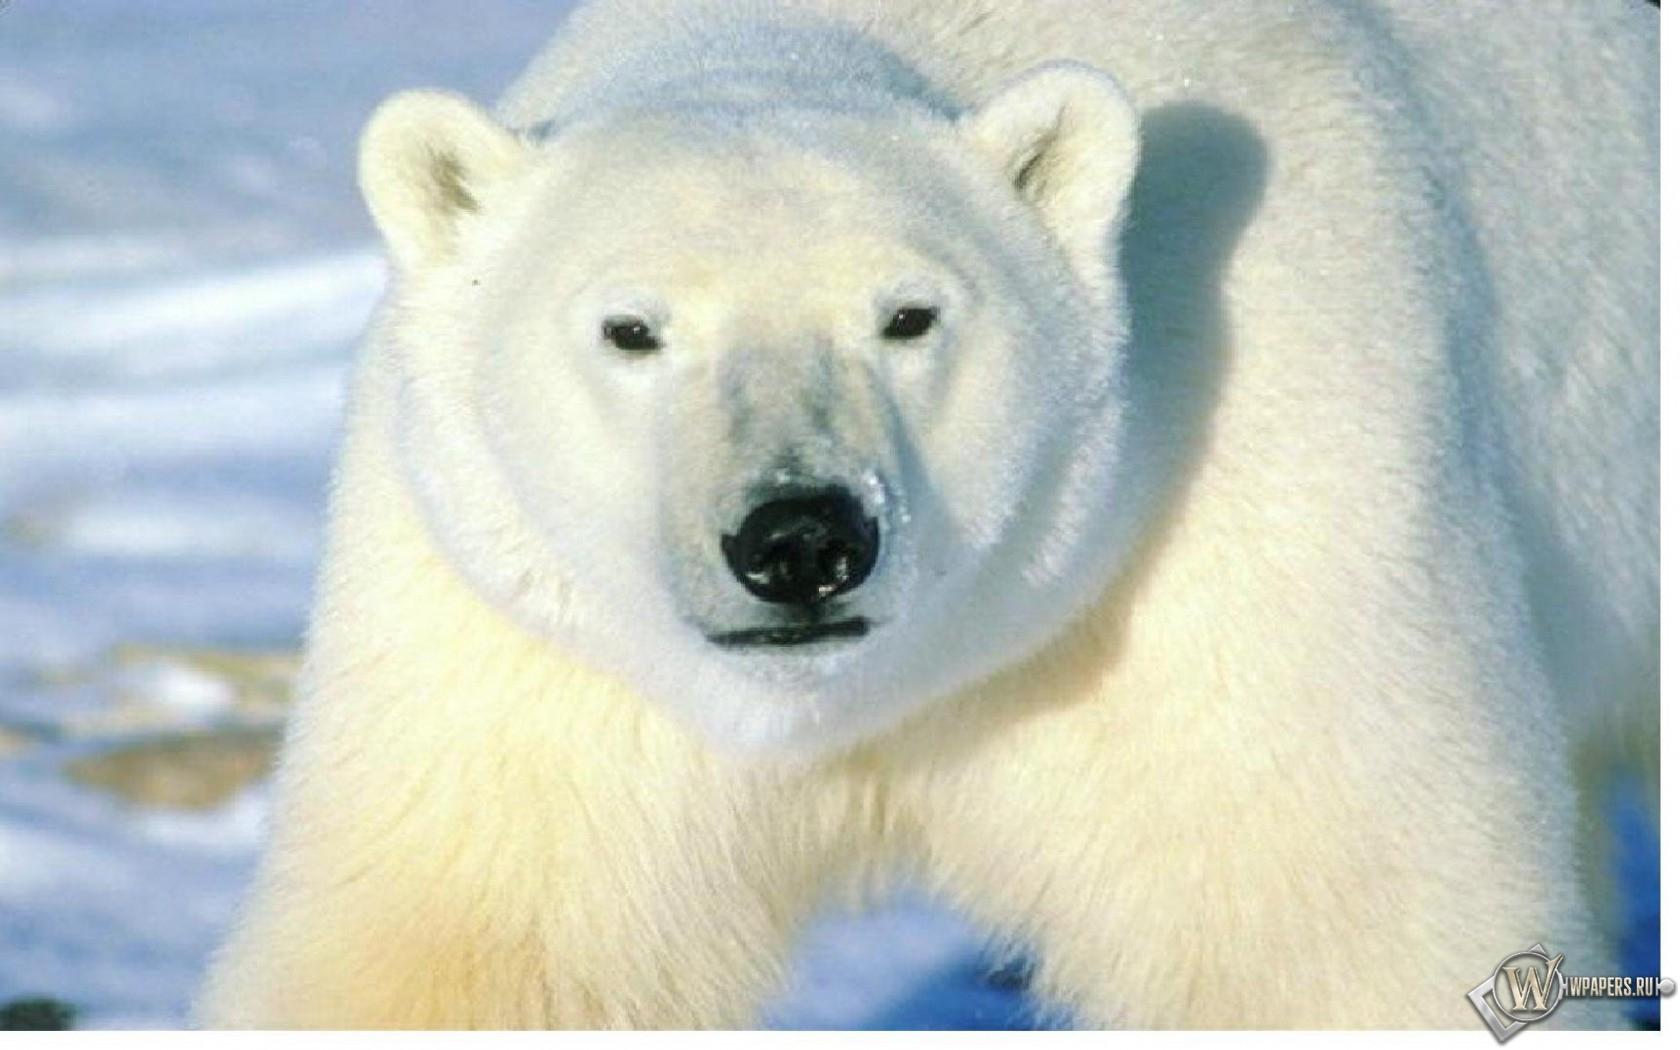 Полярный медведь 1680x1050